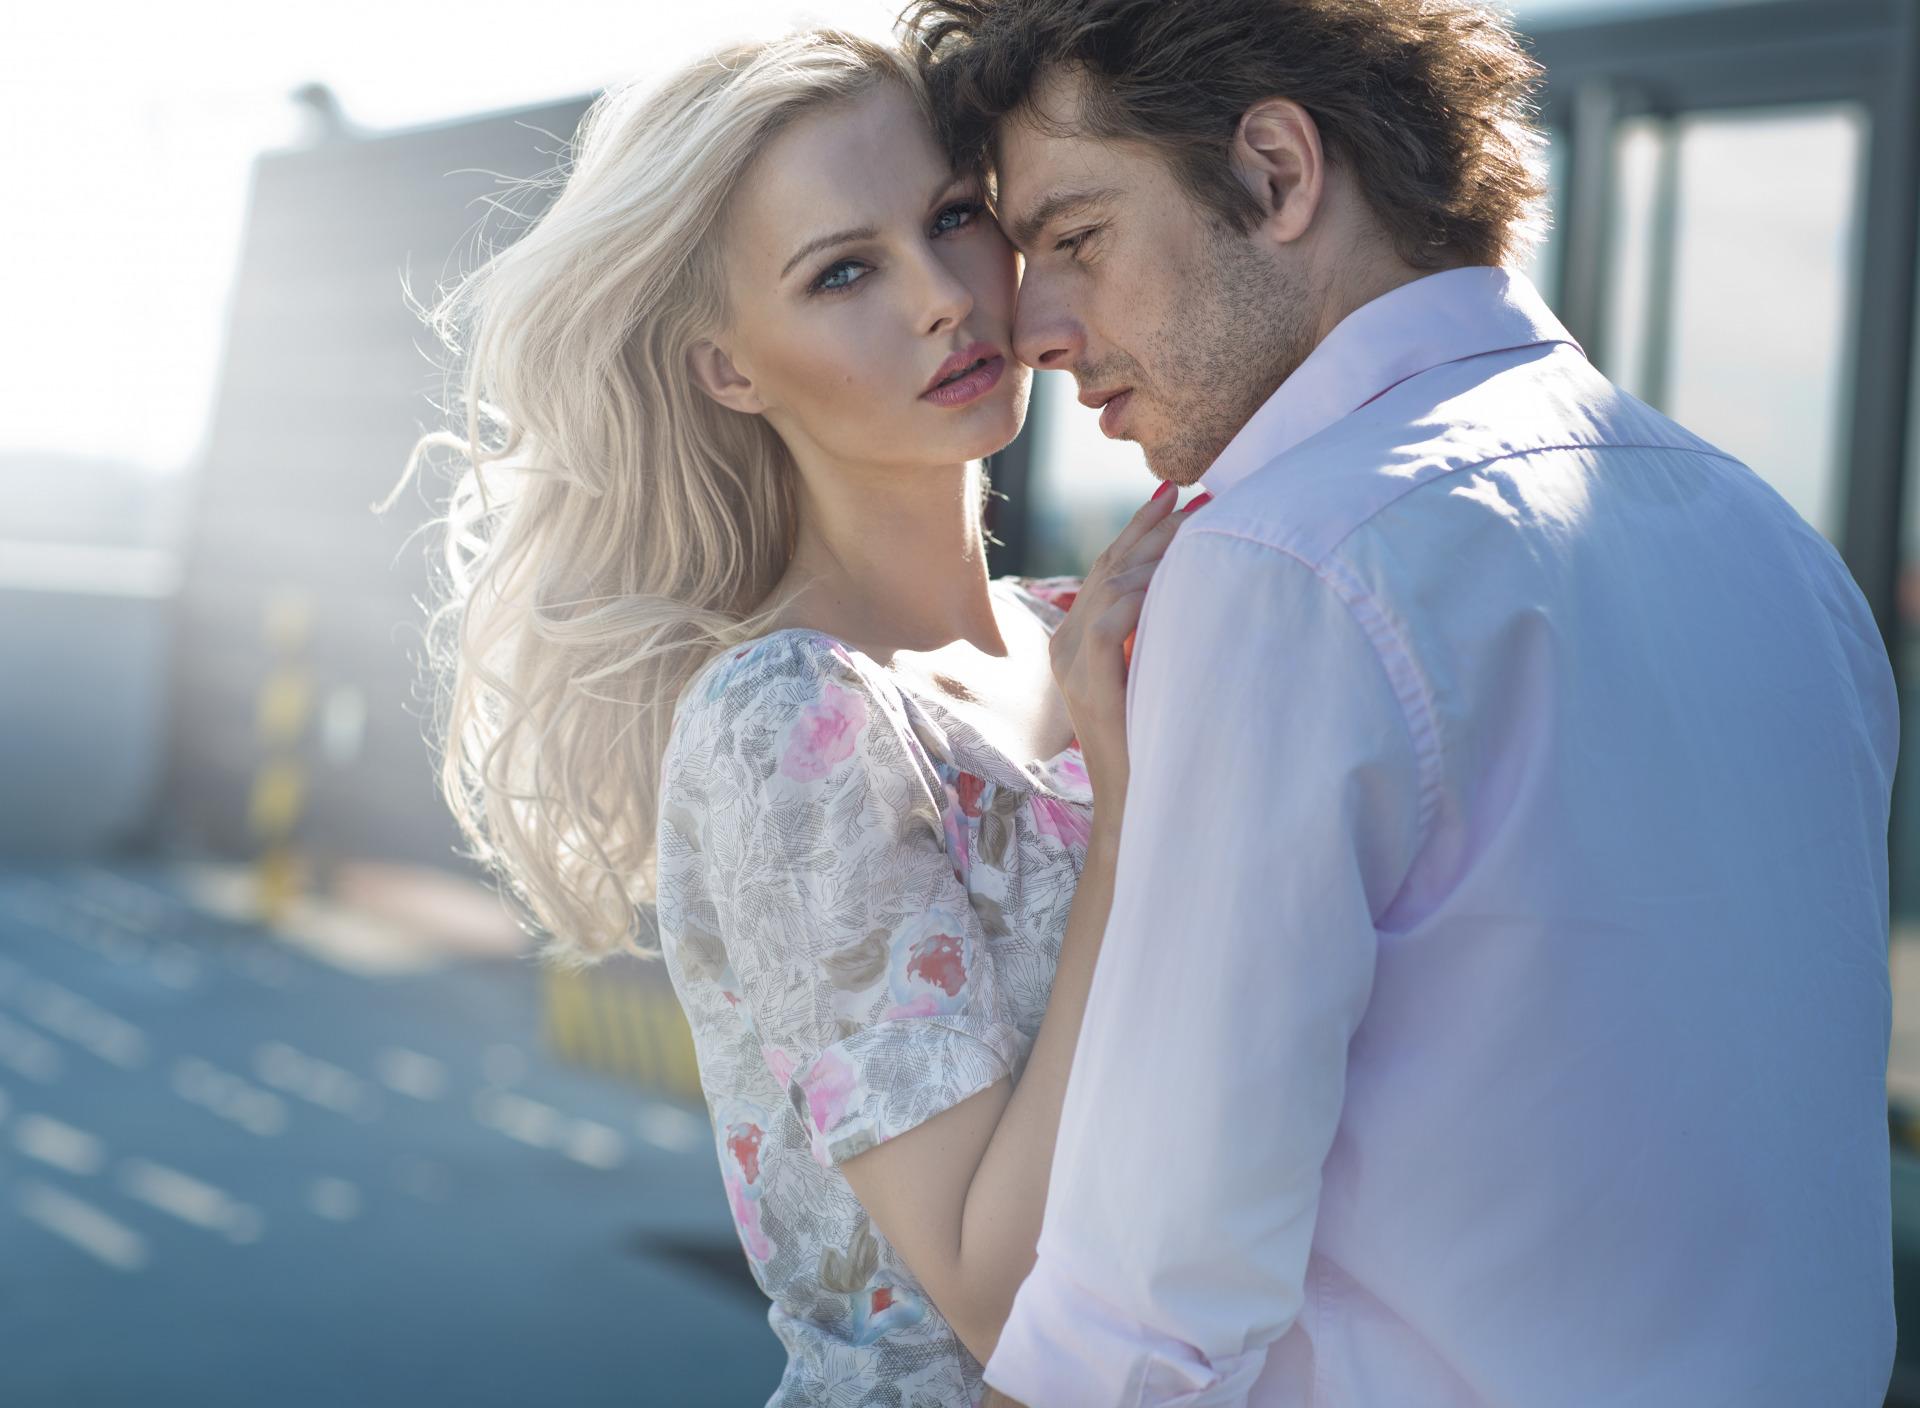 Утра солнышком, картинка влюбленные пары блондинка